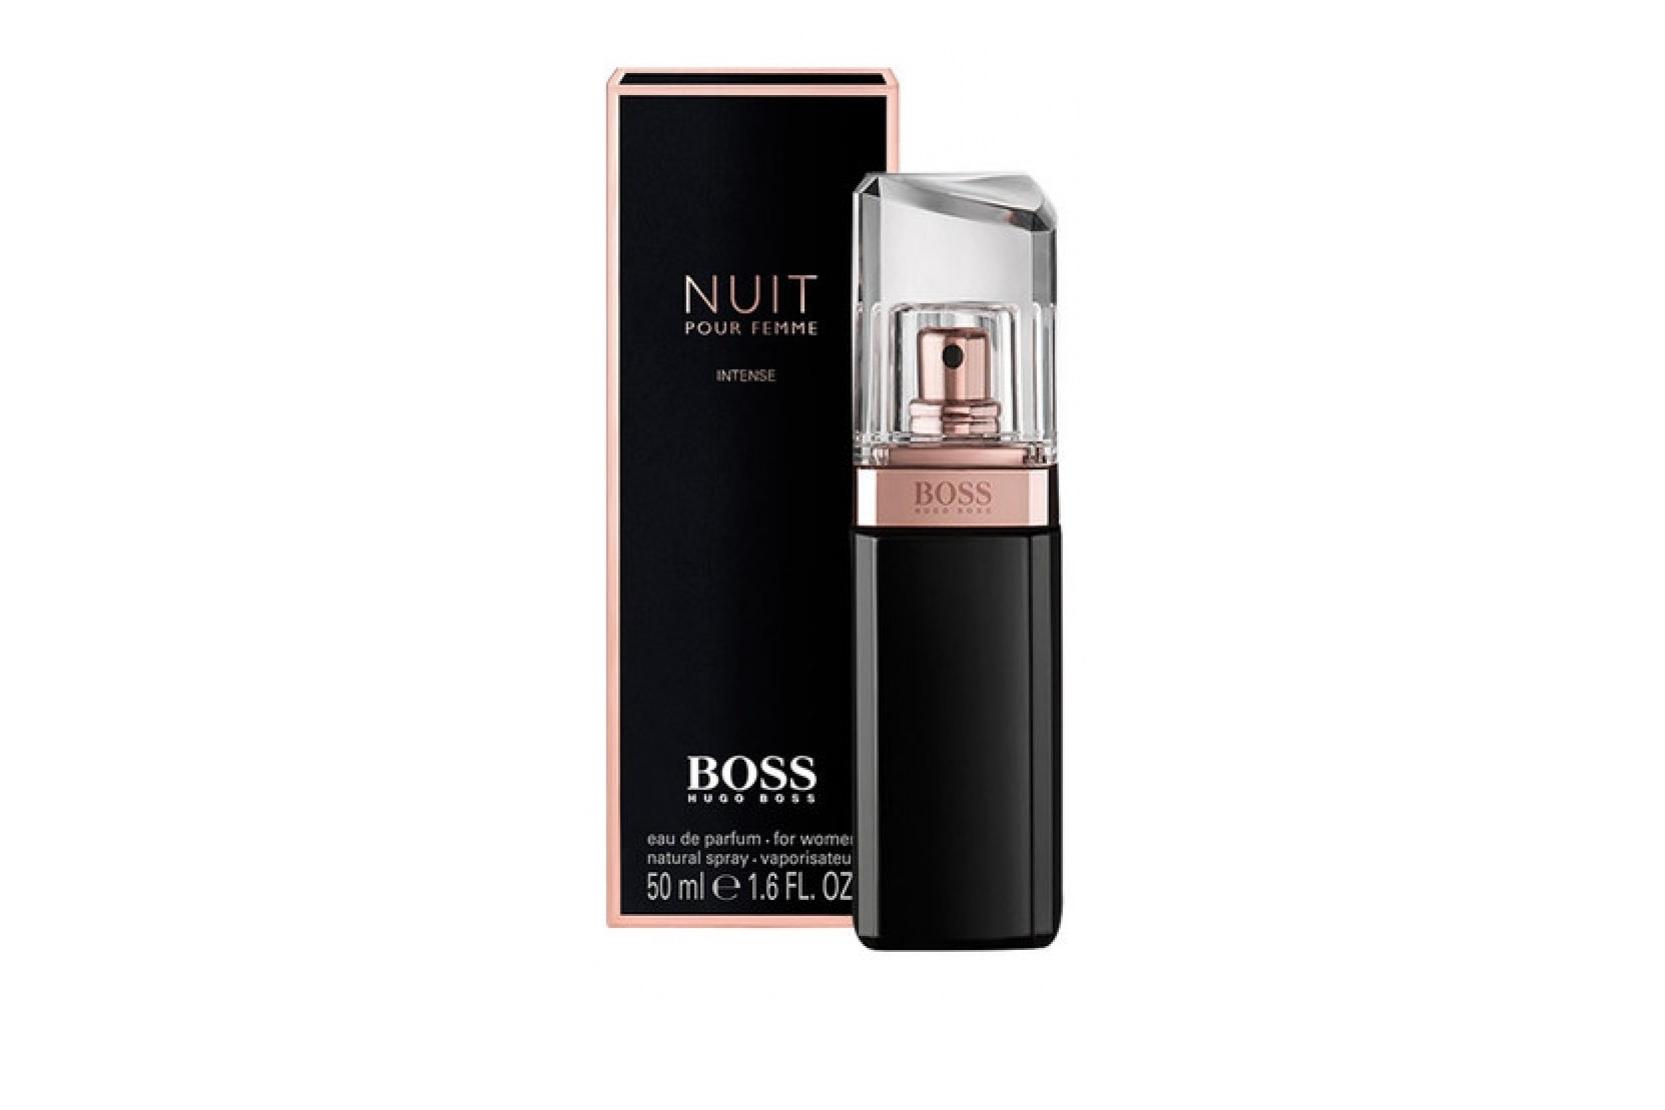 Boss Jour Pour Femme. Boss Nuit Pour Femme Intense – более яркая и интенсивная интерпретация аромата, представленная в начале 2014-го года. Pour Femme Intense представлен парфюмерами как чрезвычайно элегантный аромат, предназначенный для особых случаев. Композиционно новинка практически не отличается от оригинального аромата 2012-го года, однако характеризуется более интенсивным и выраженным звучанием. Нота белого персика в начальных нотах стала еще ярче, тем самым великолепно подчеркивая чувственность и женственность аромата. В цветочном сердце звучат нотки нежной фиалки, сладковатого жасмина в сопровождении богатого аккорда белых цветов. Шлейф составлен из ароматов кристаллического мха, сливочного сандала и теплой древесины.